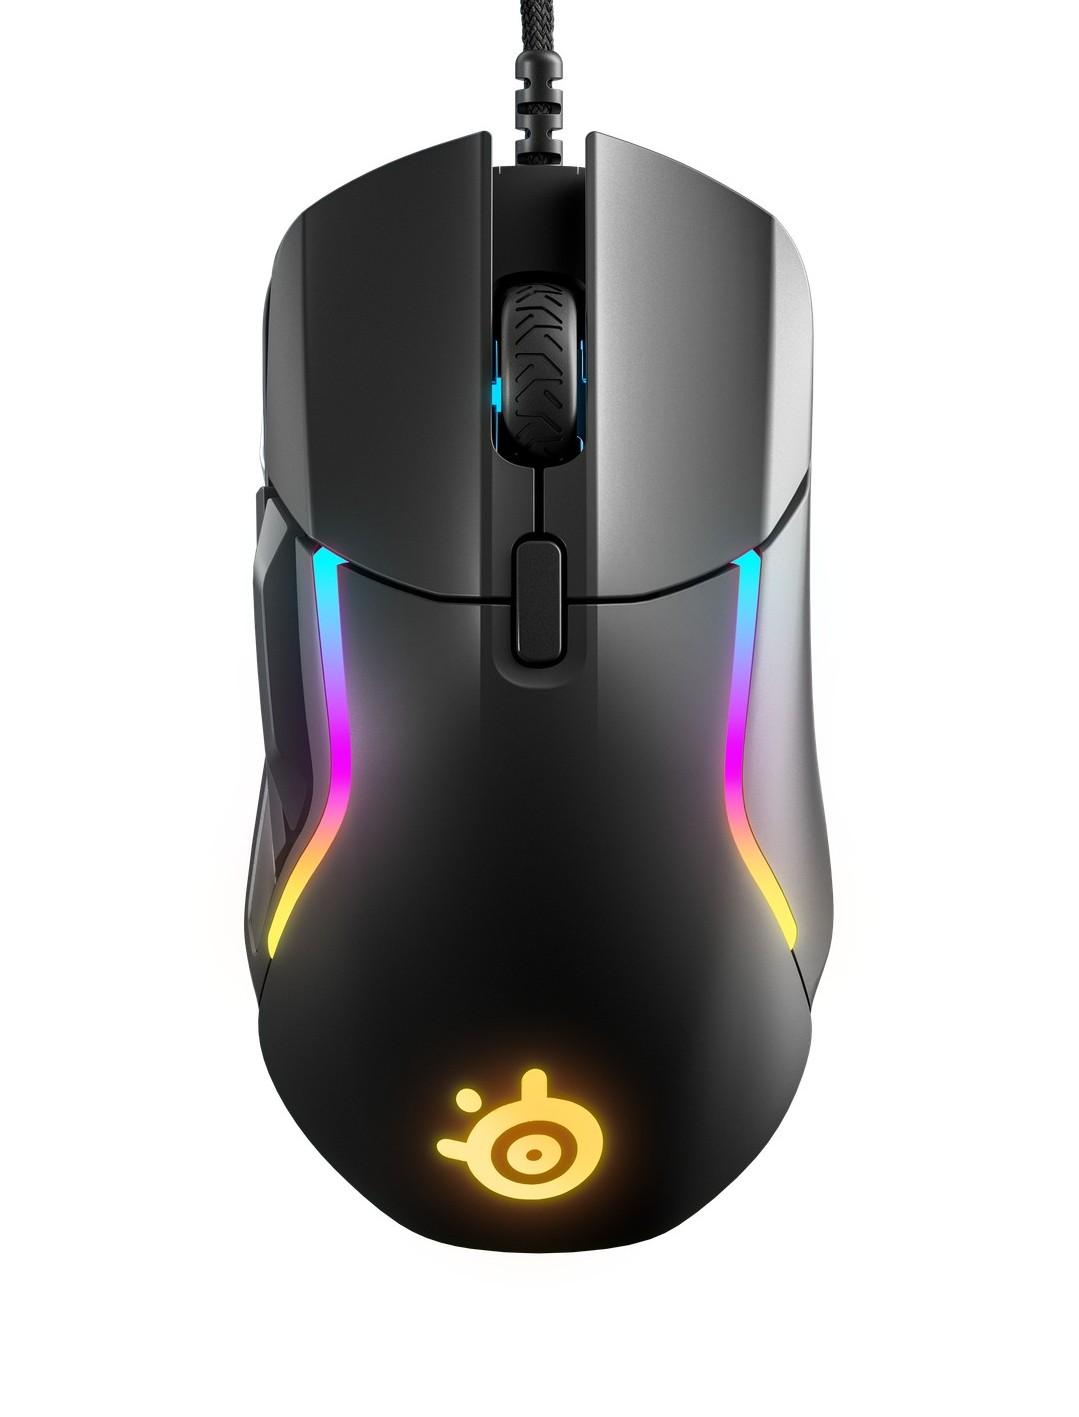 SteelSeries Rival 5 juoda laidinė optinė pelė | 18000 CPI